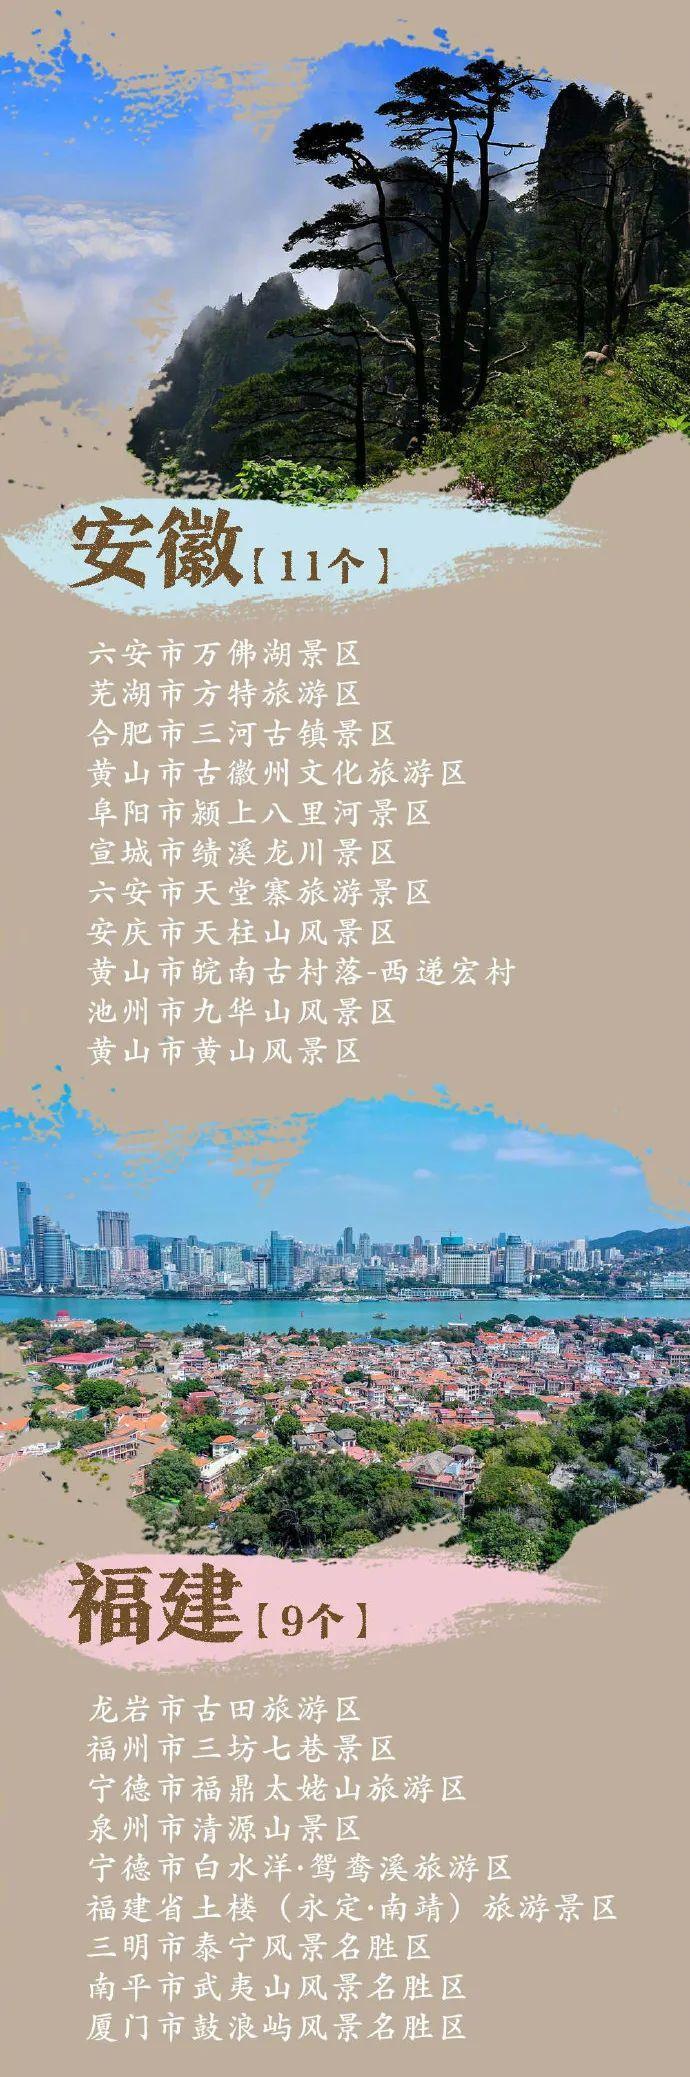 最全5A级景区名单!浙江有18个,看看杭州有哪些?